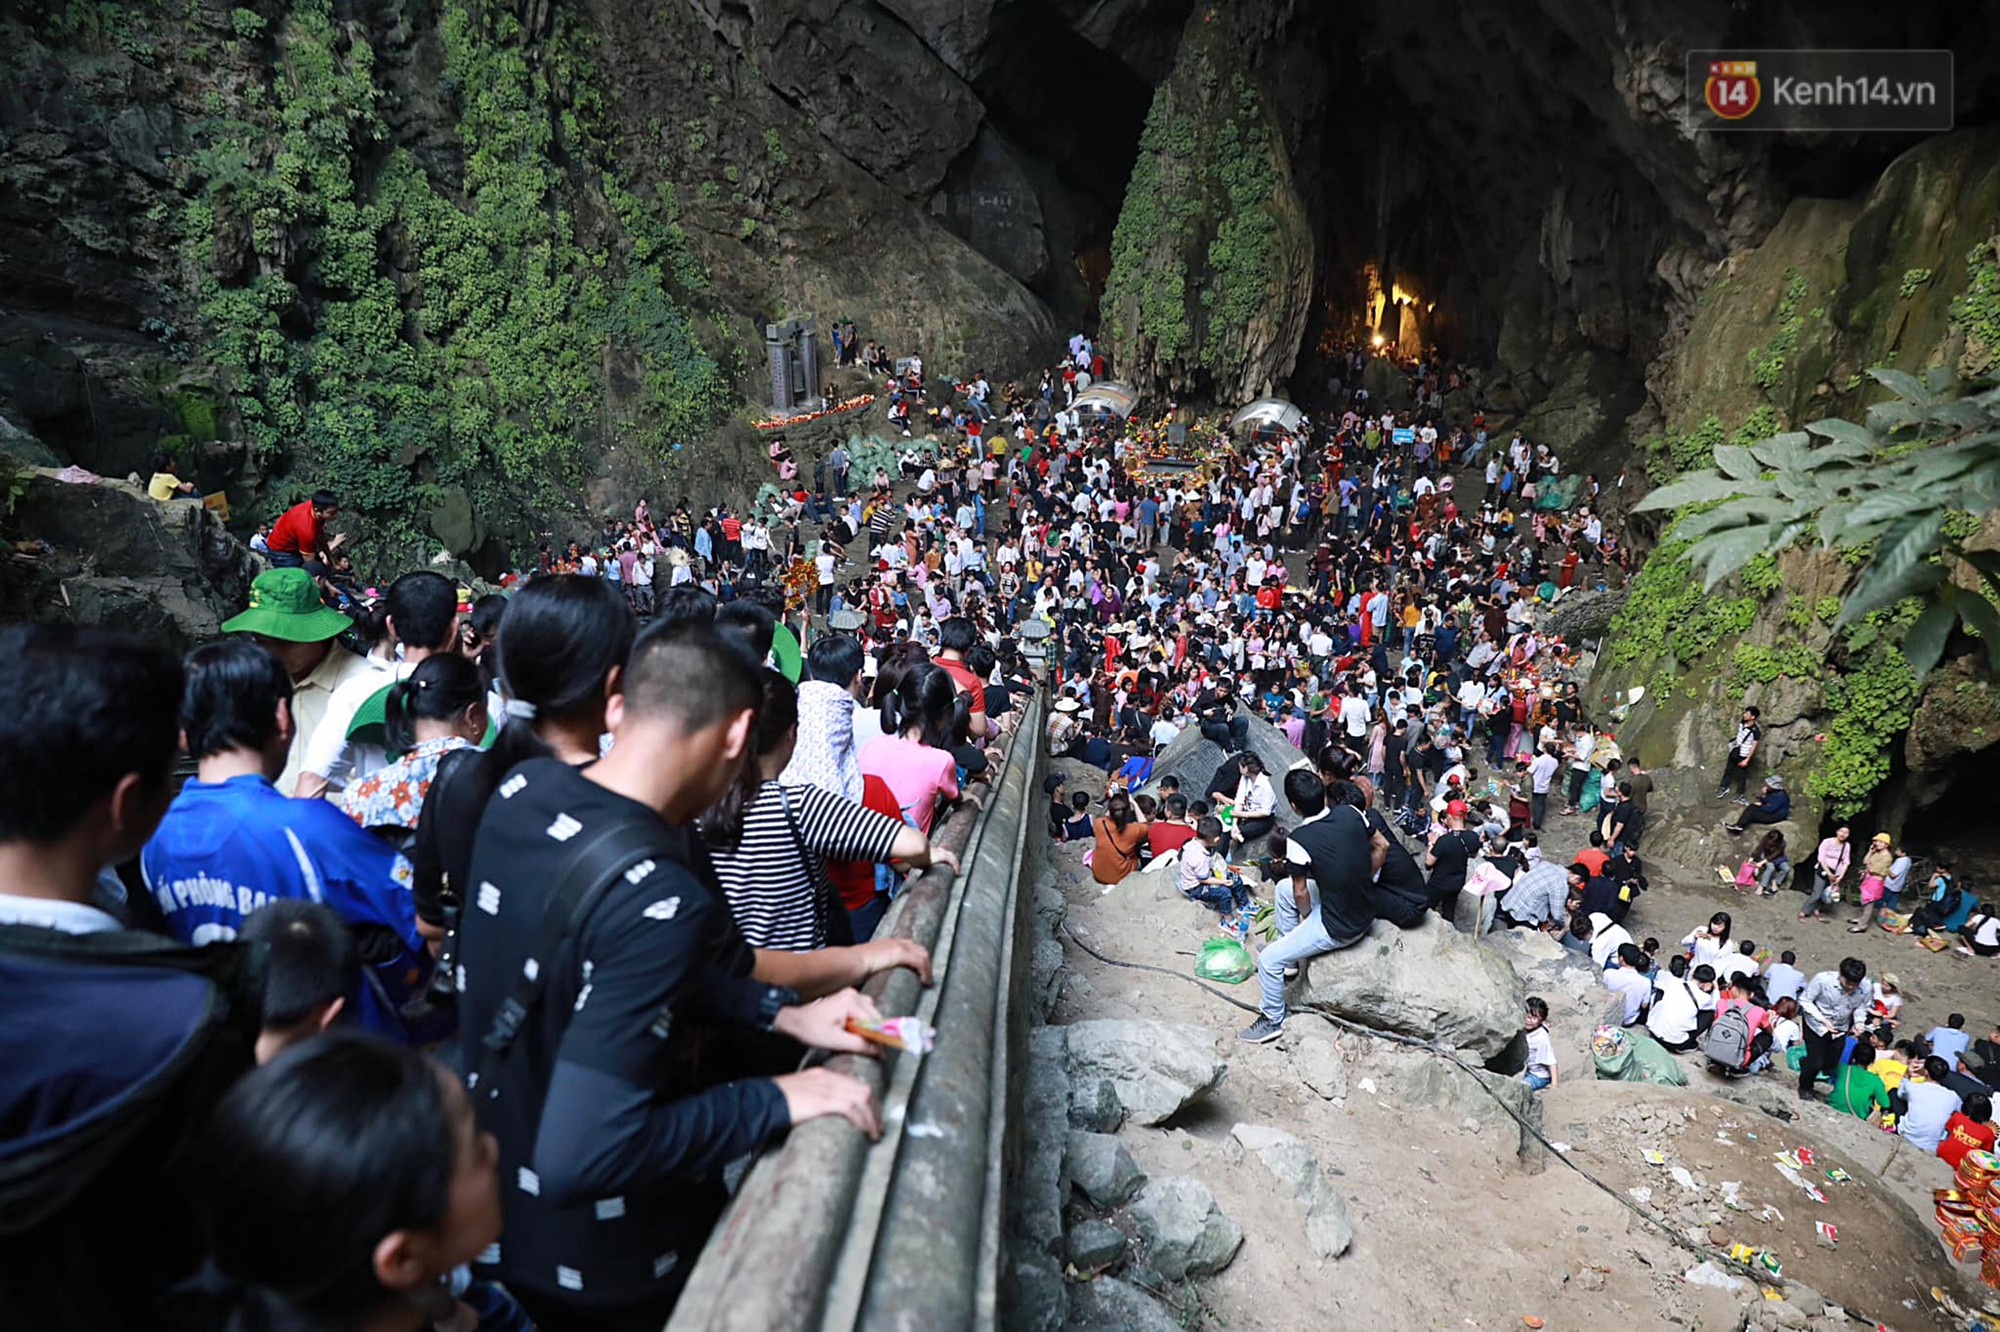 Gần 5 vạn người đổ về chùa Hương trong ngày mồng 5 Tết, 1 ngày trước khi khai hội - Ảnh 11.